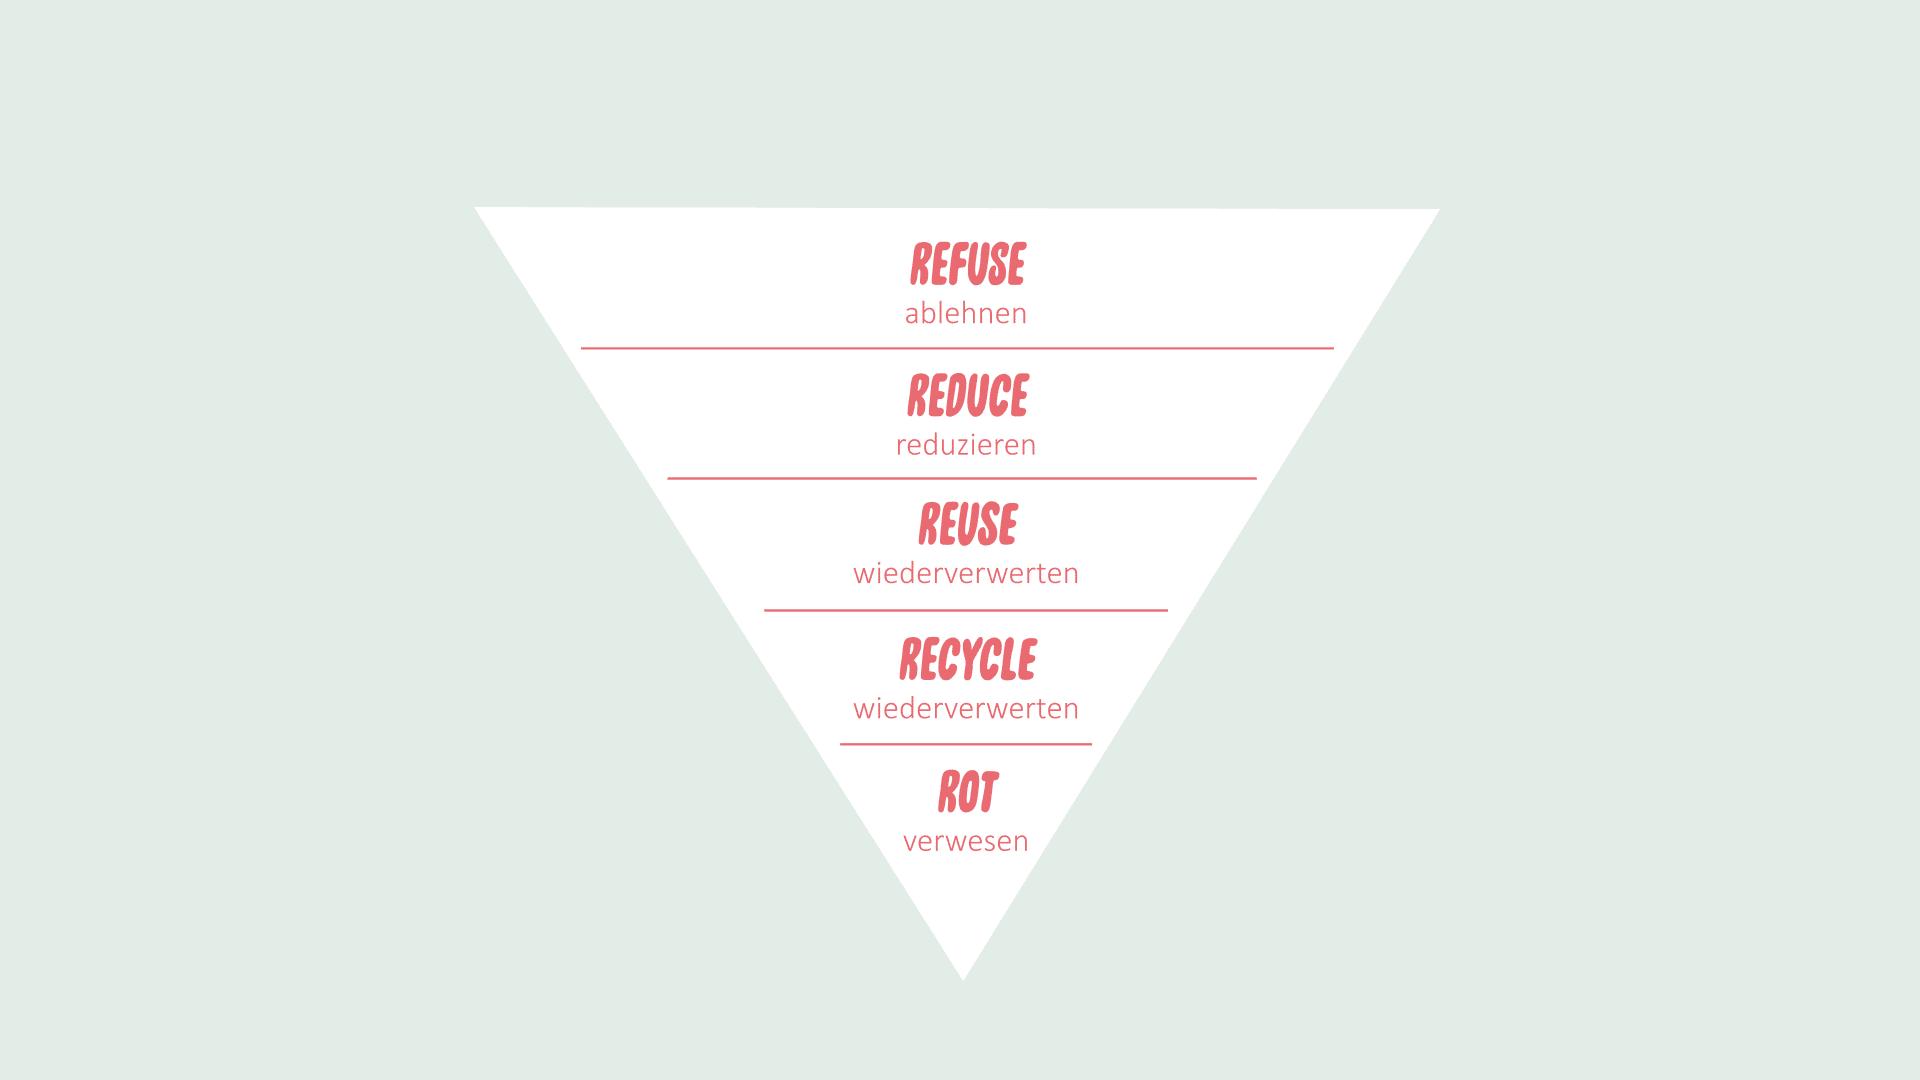 Nachhaltigkeitspyramide beschriftet mit: refuse, reduce, reuse, recycle und rot